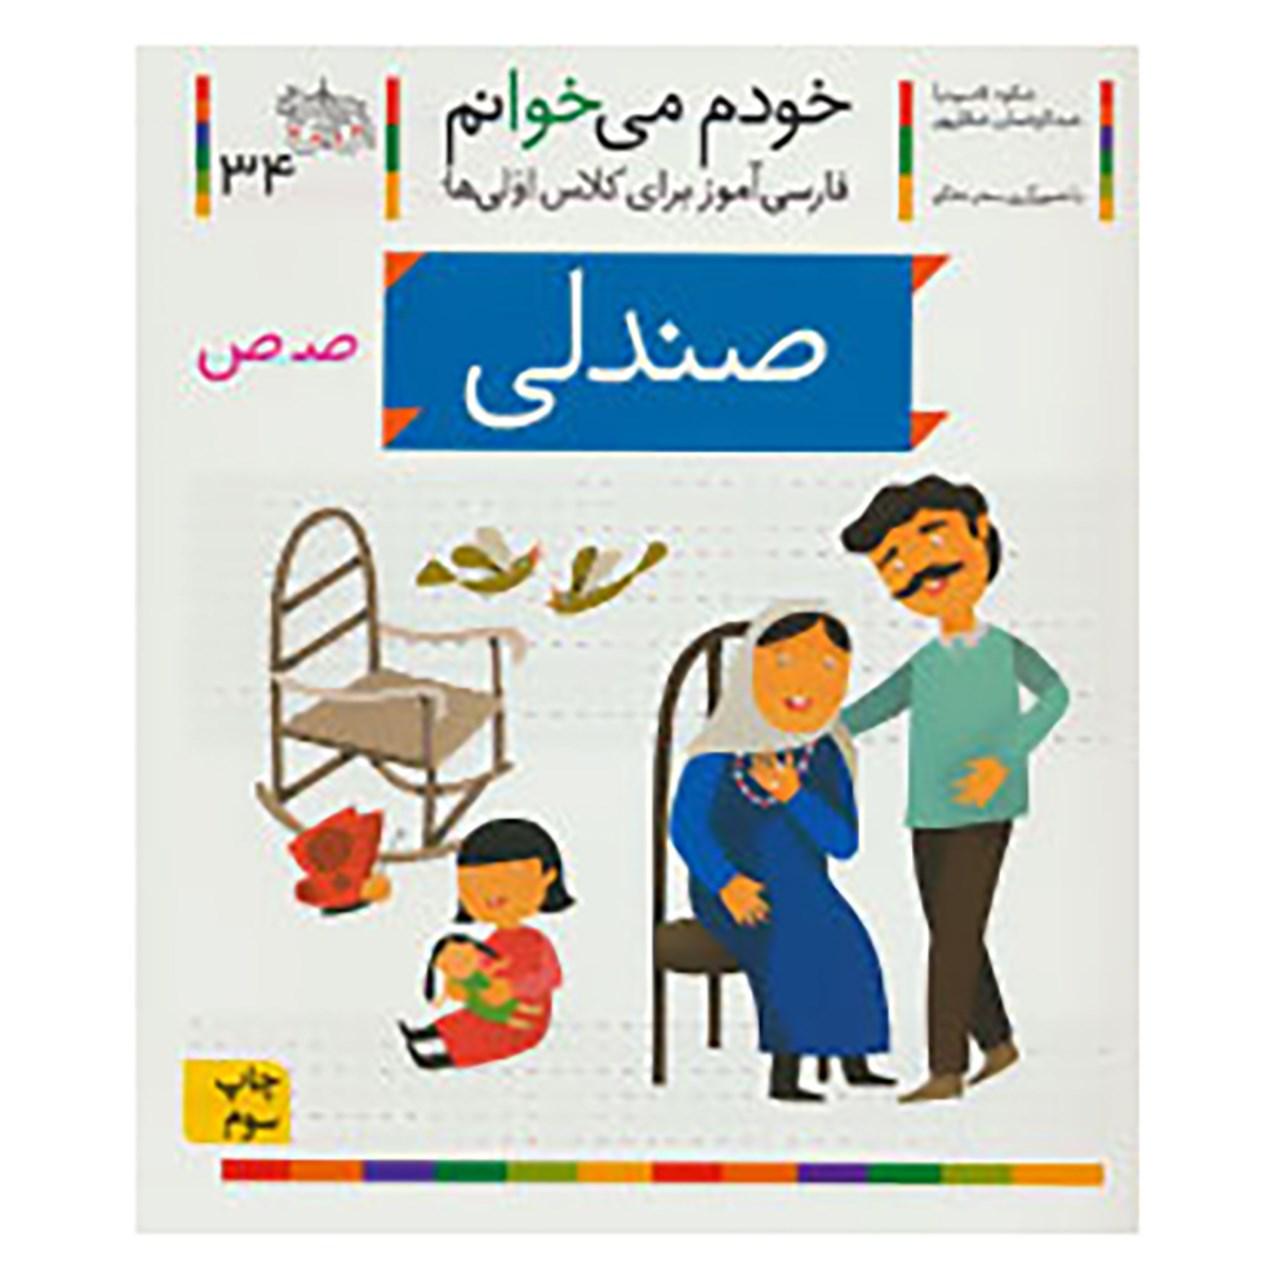 کتاب خودم می خوانم34 اثر شکوه قاسم نیا،عبدالرحمان صفارپور